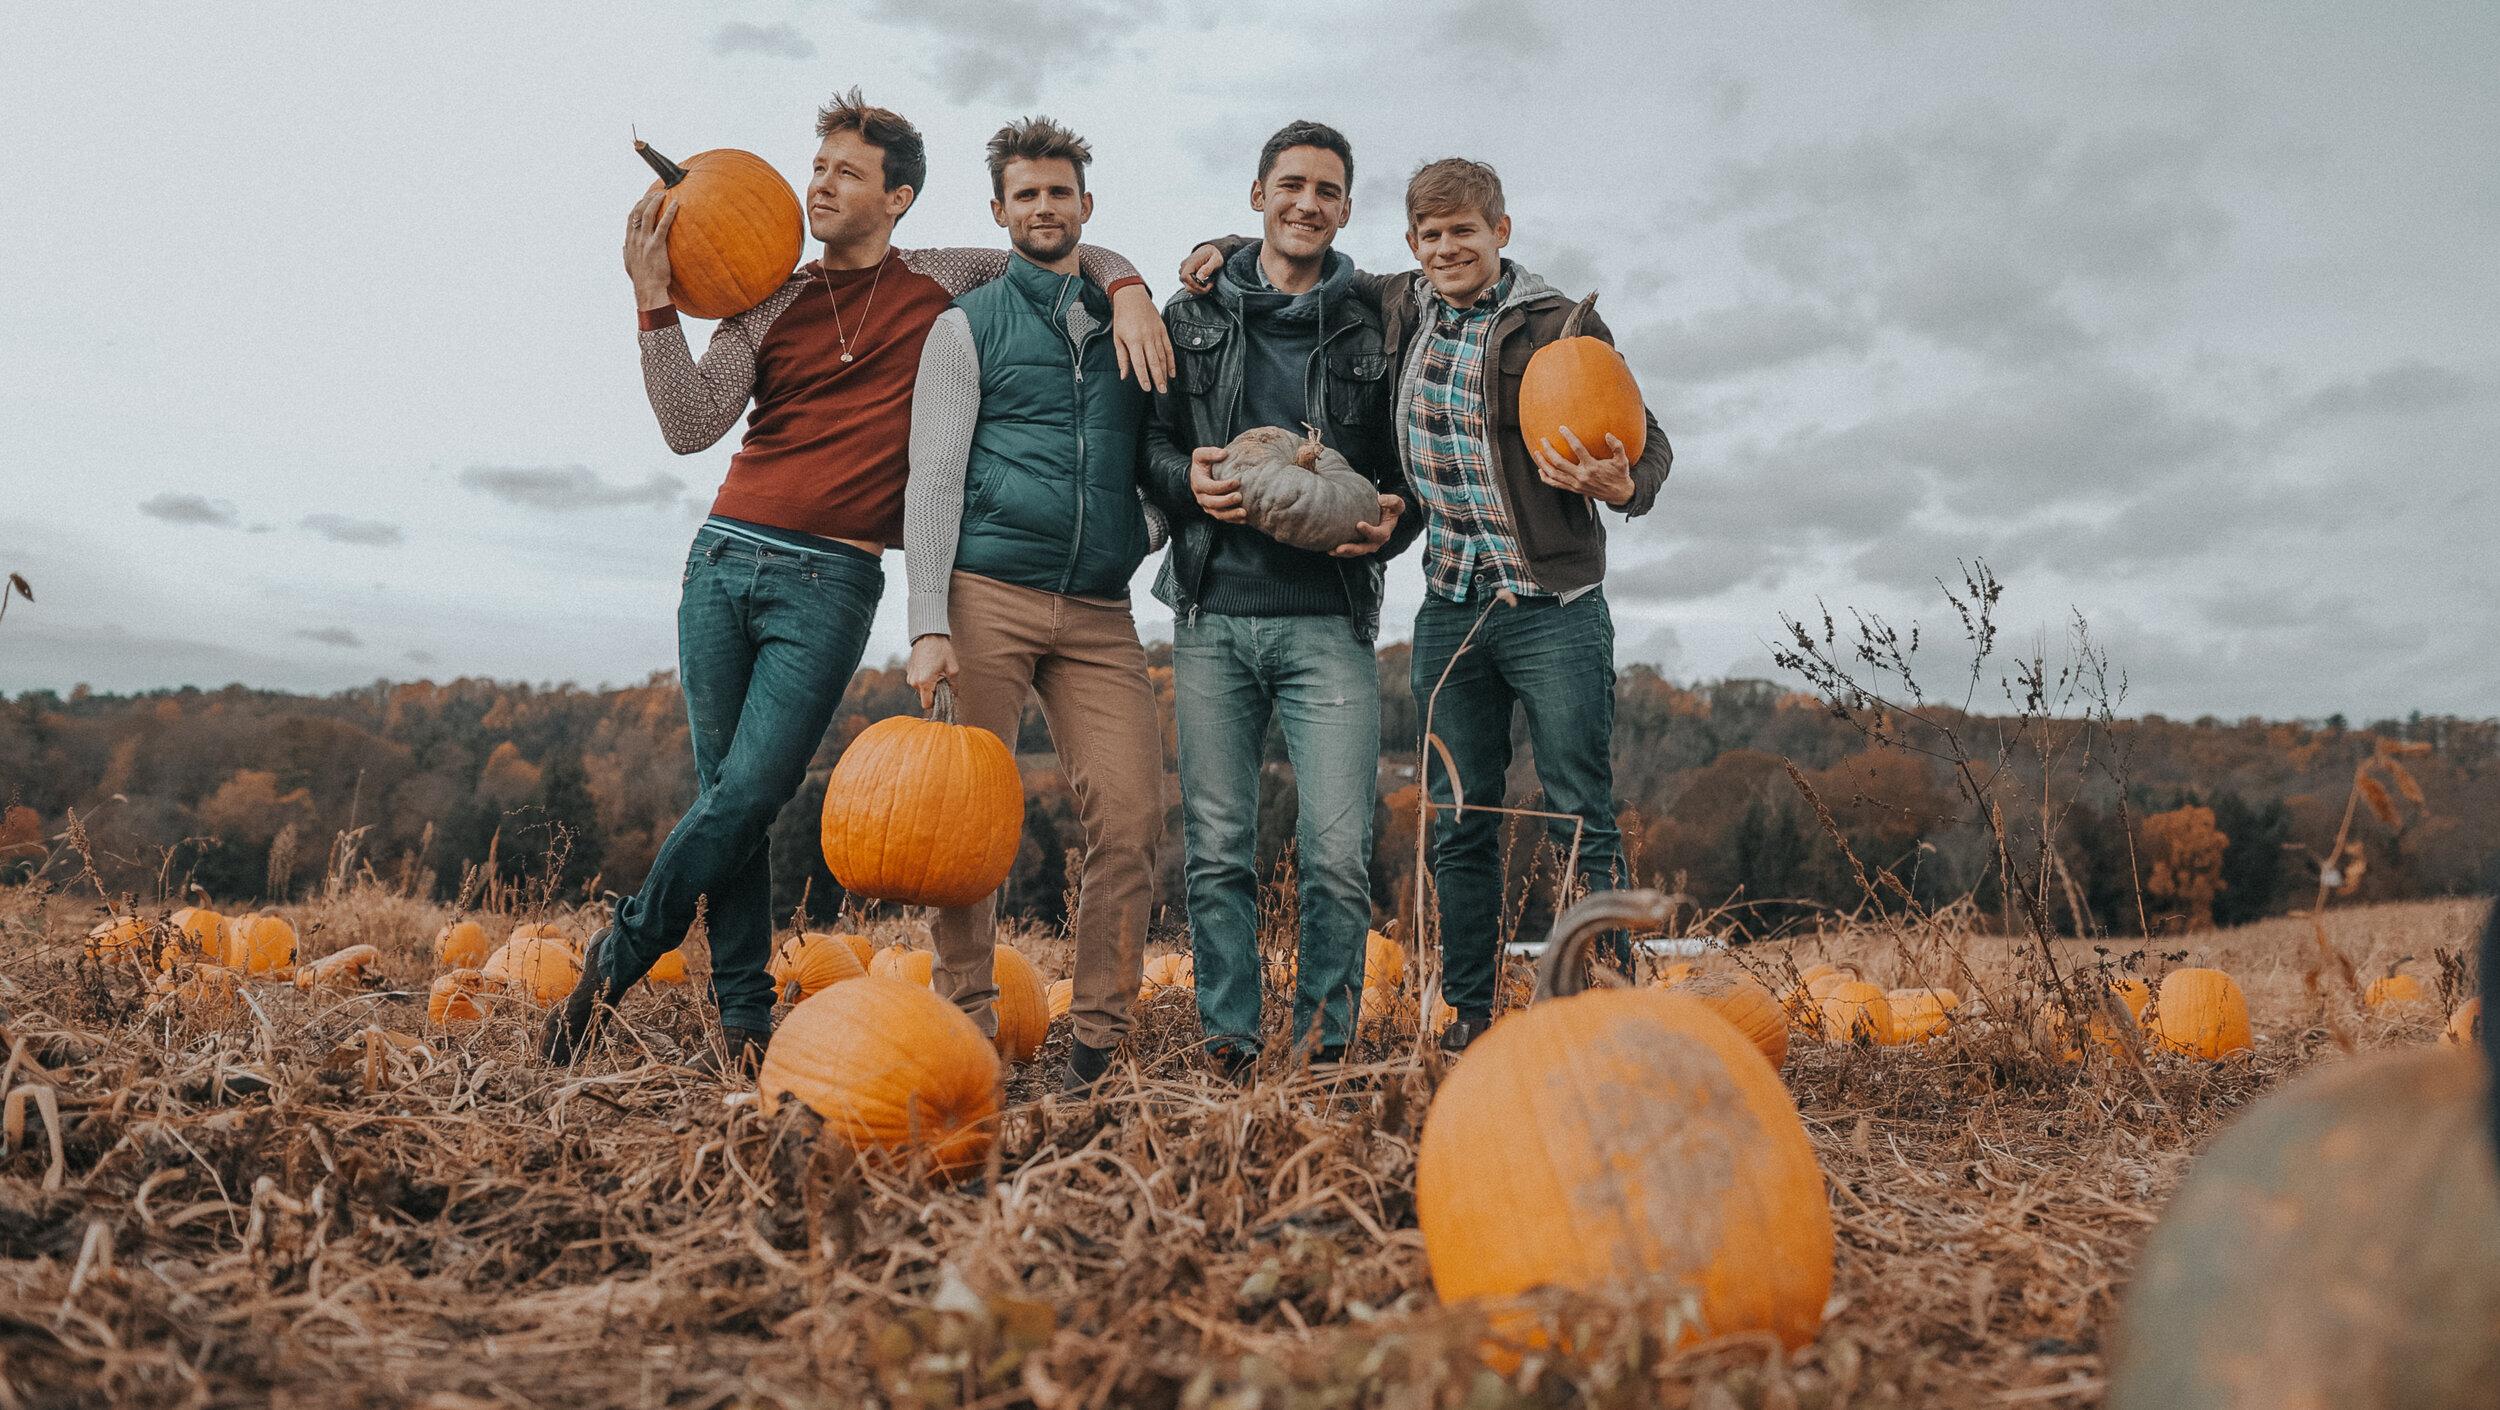 Pumpkinsafter.jpg